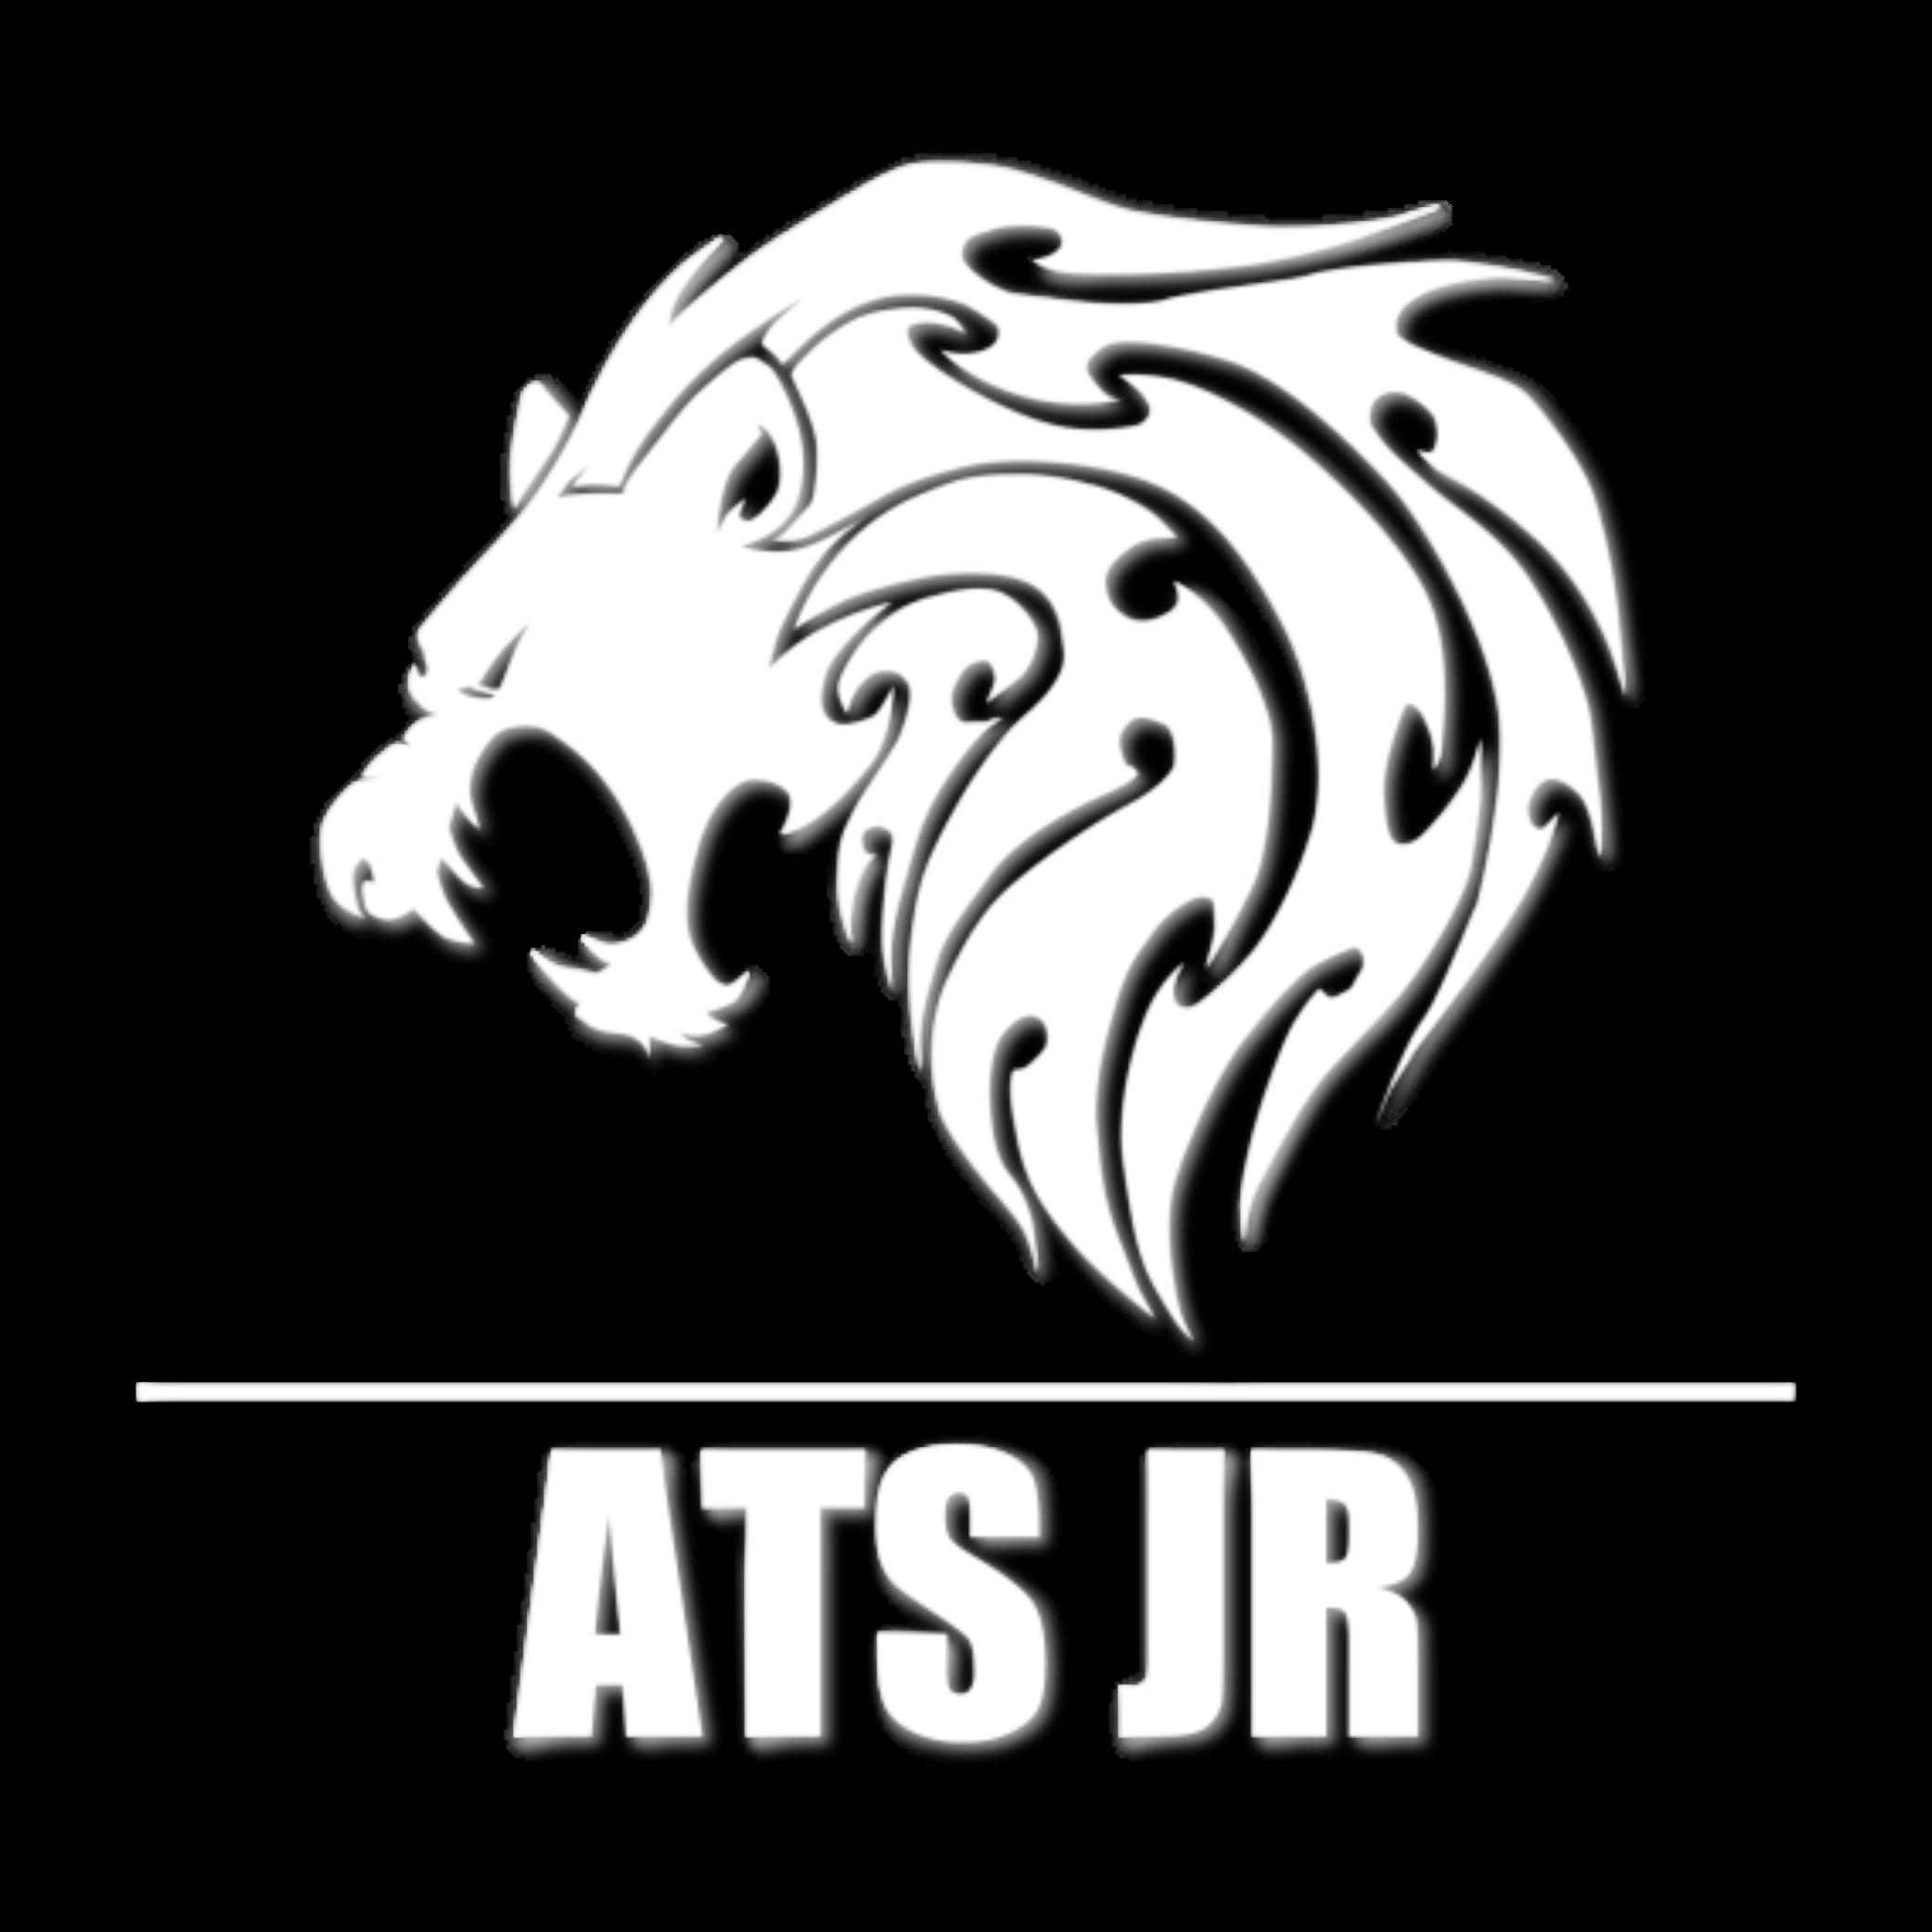 ATS Jr. Companies